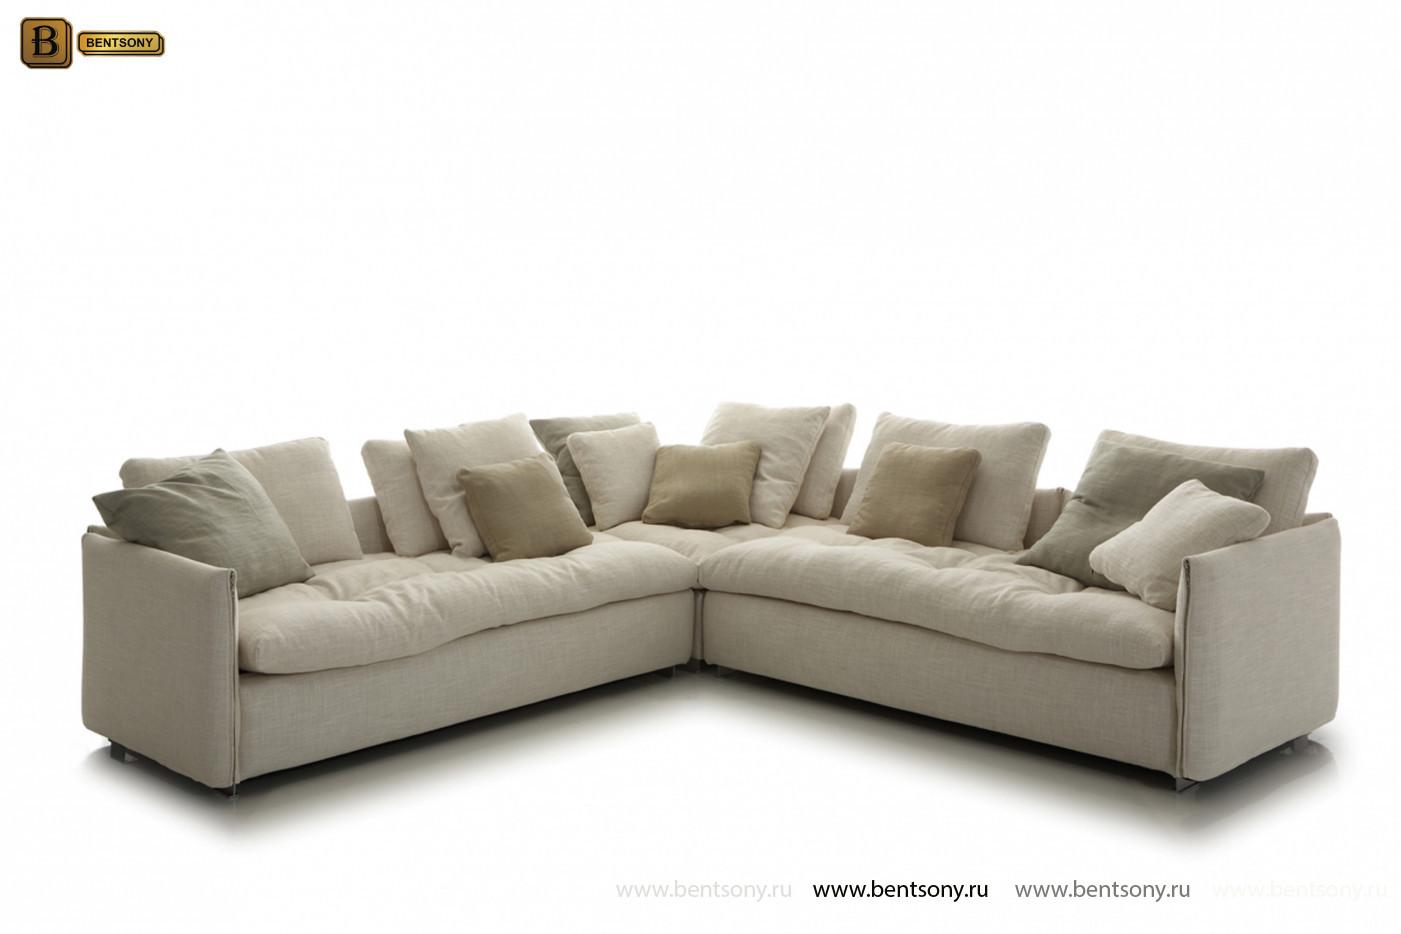 угловой диван для гостинной купить